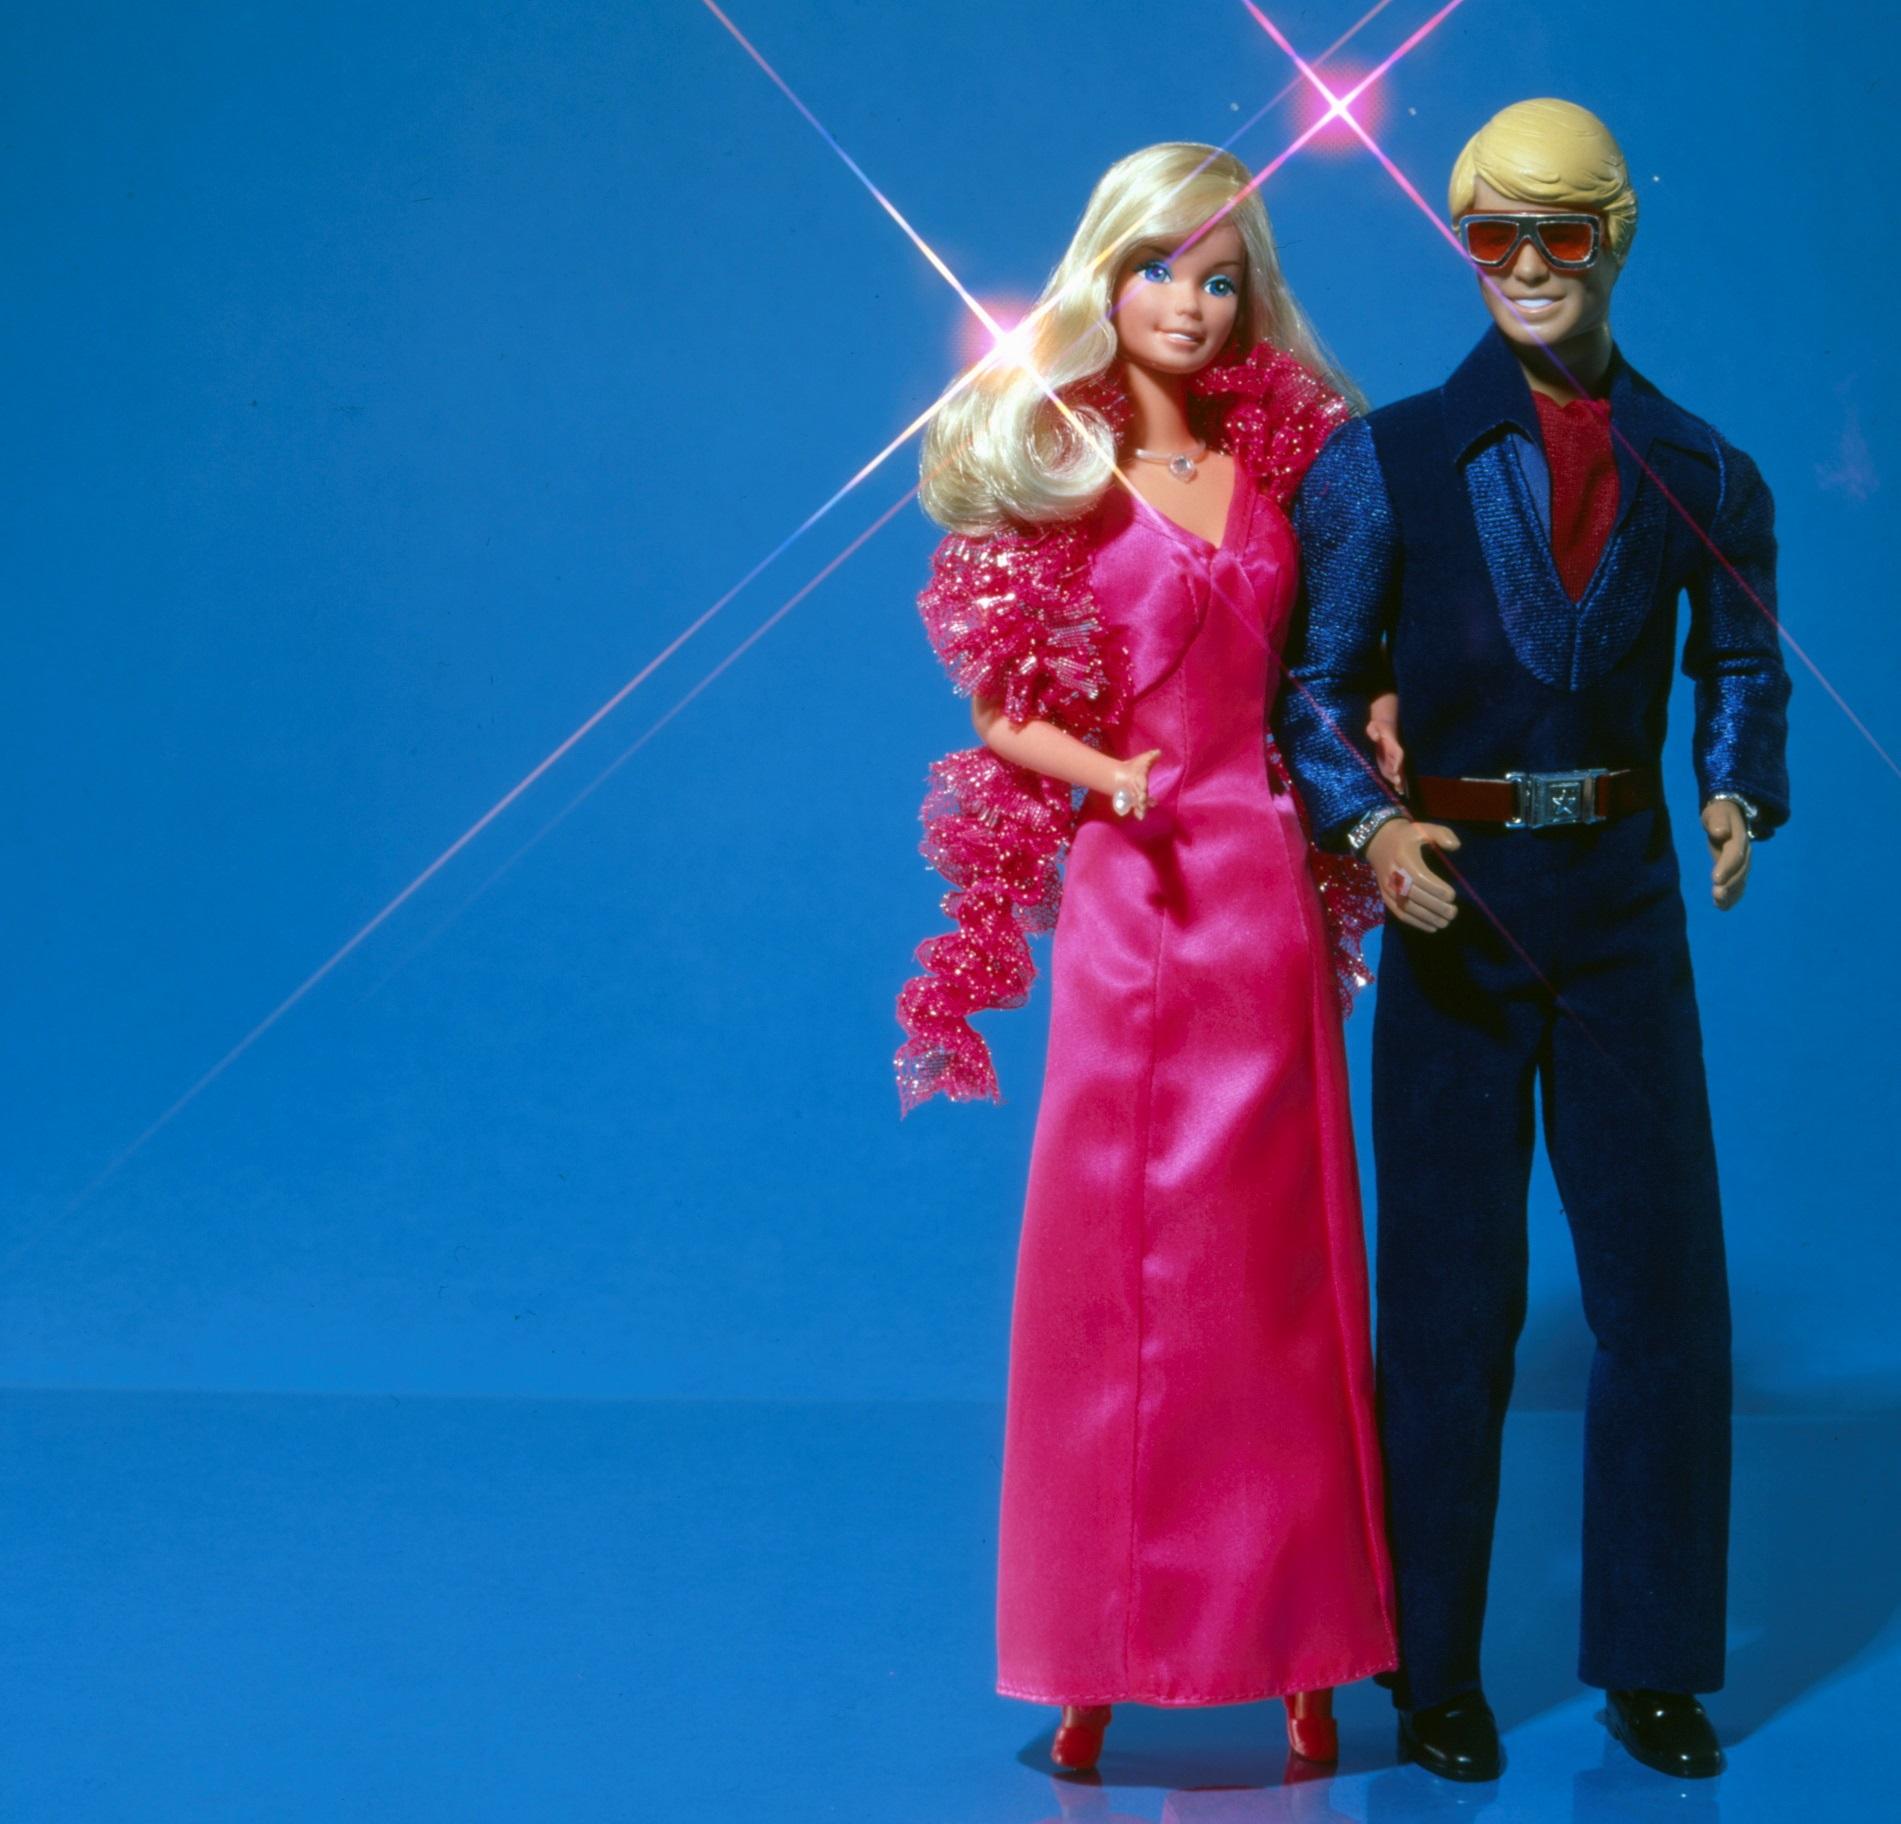 Η Barbie και ο Ken περπάτησαν στην πασαρέλα του οίκου Balmain (pics, vid)